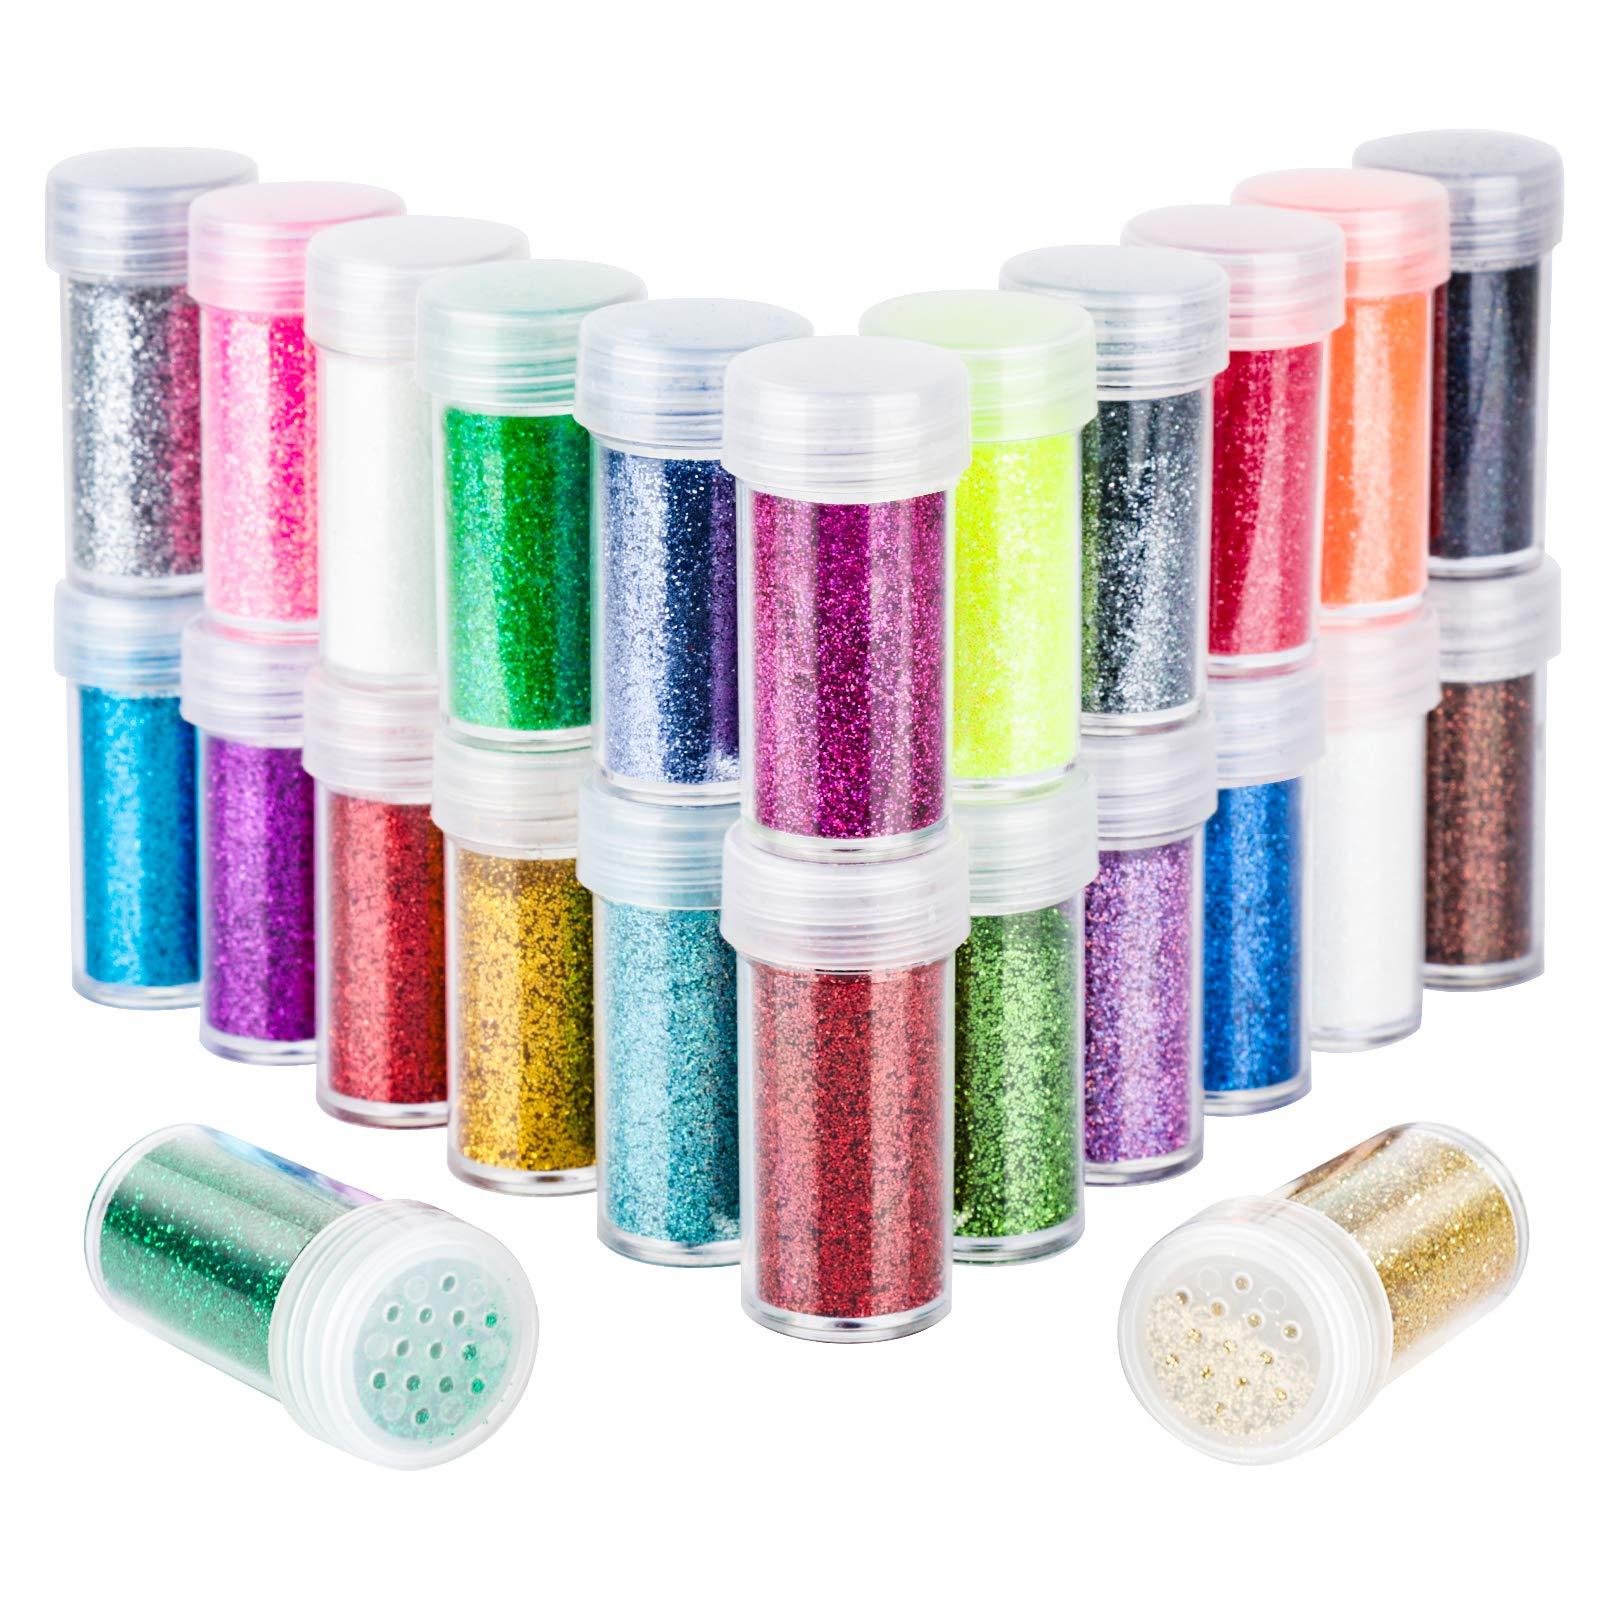 24 Colors Body Glitter, LEOBRO Cruelty-Free Extra Fine Glitter for Resin, Festival Glitter Makeup Glitter Cosmetic Glitter for Nail Art Face Body Hair, Art Crafts Slime Eyeshadow Lip Gloss Making